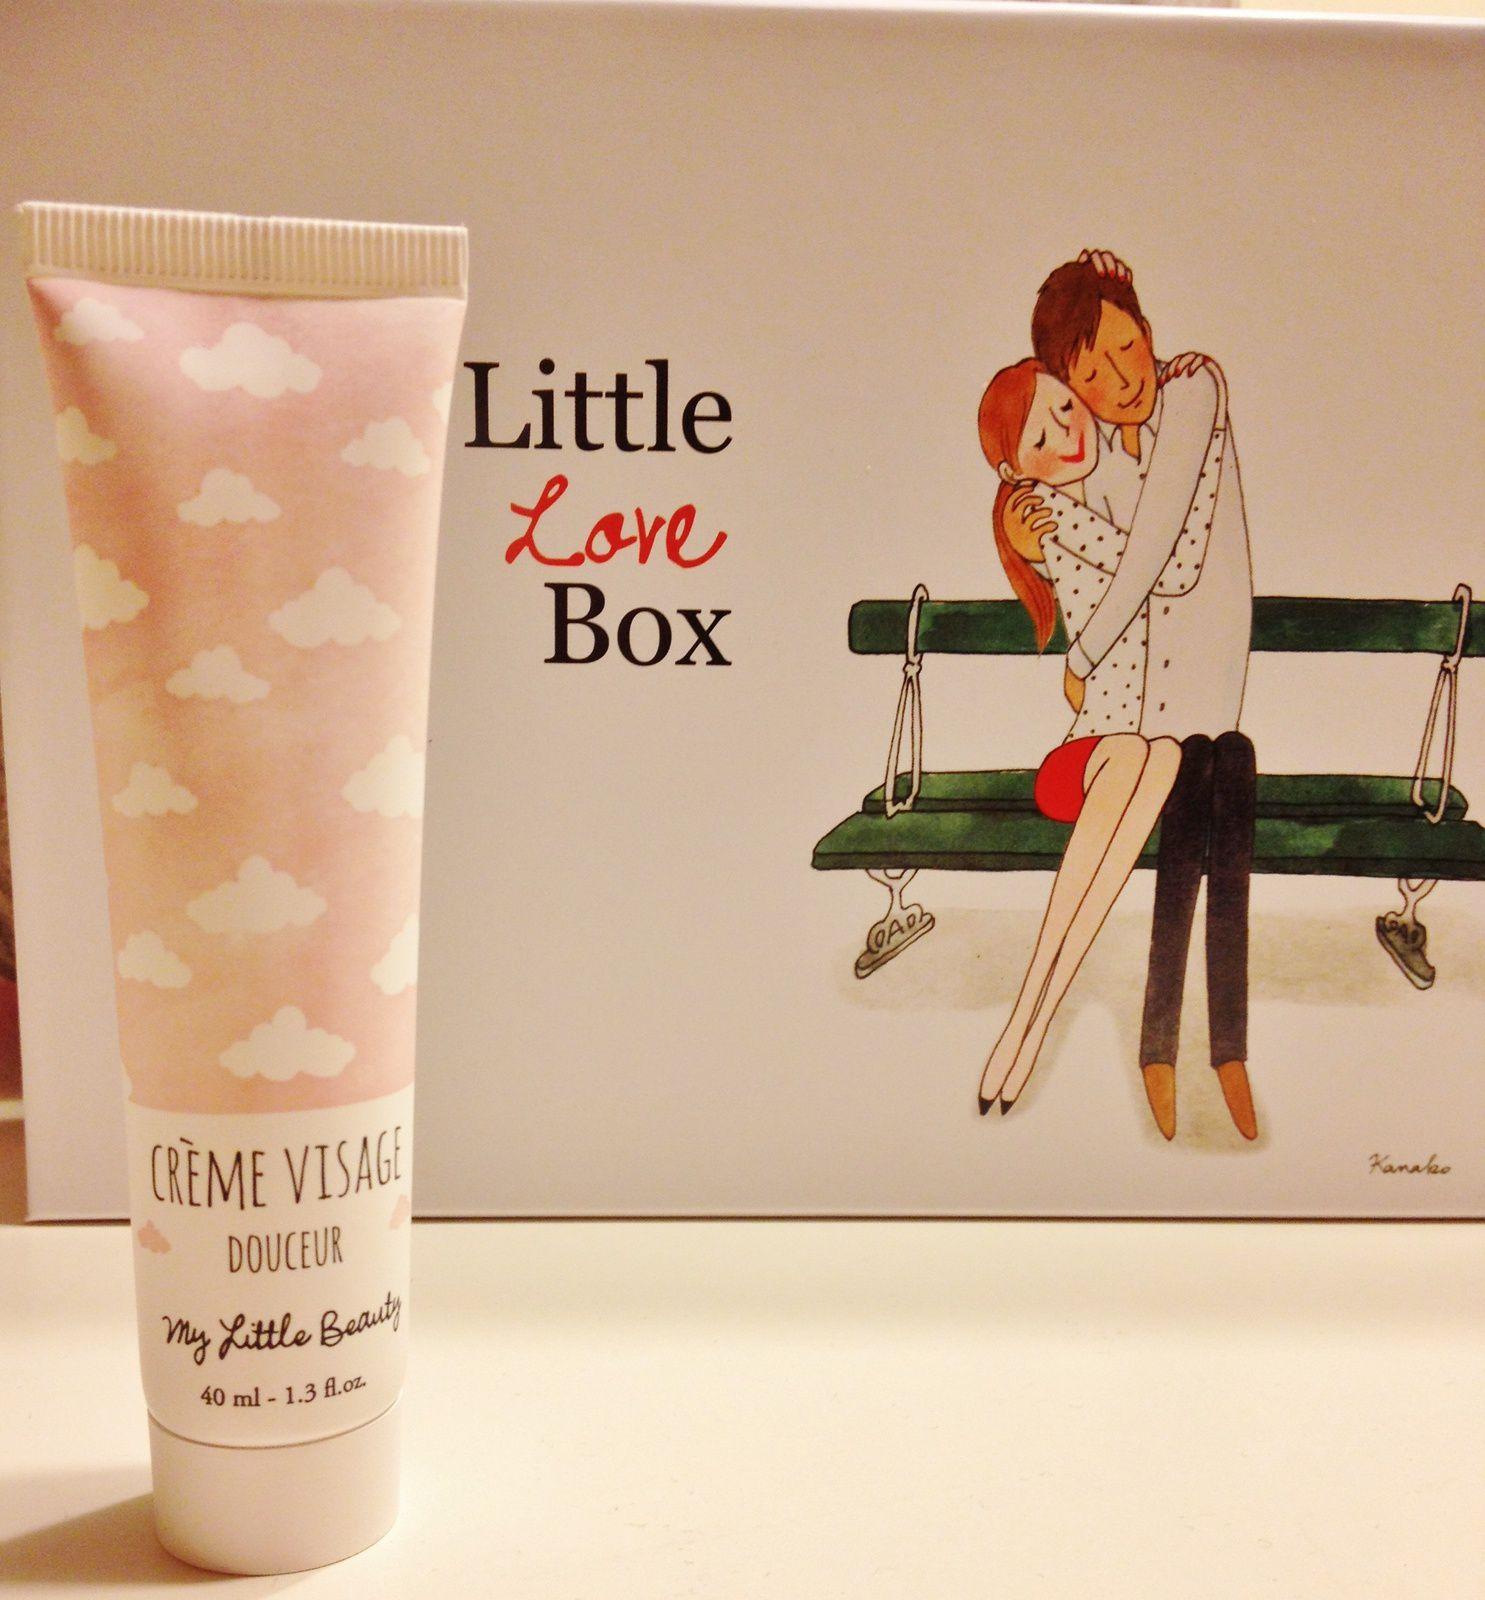 3e produit: une crème visage douceur Mylittlebeauty.Le packaging est adorable. Elle sent bon et reste légère sur la peau.